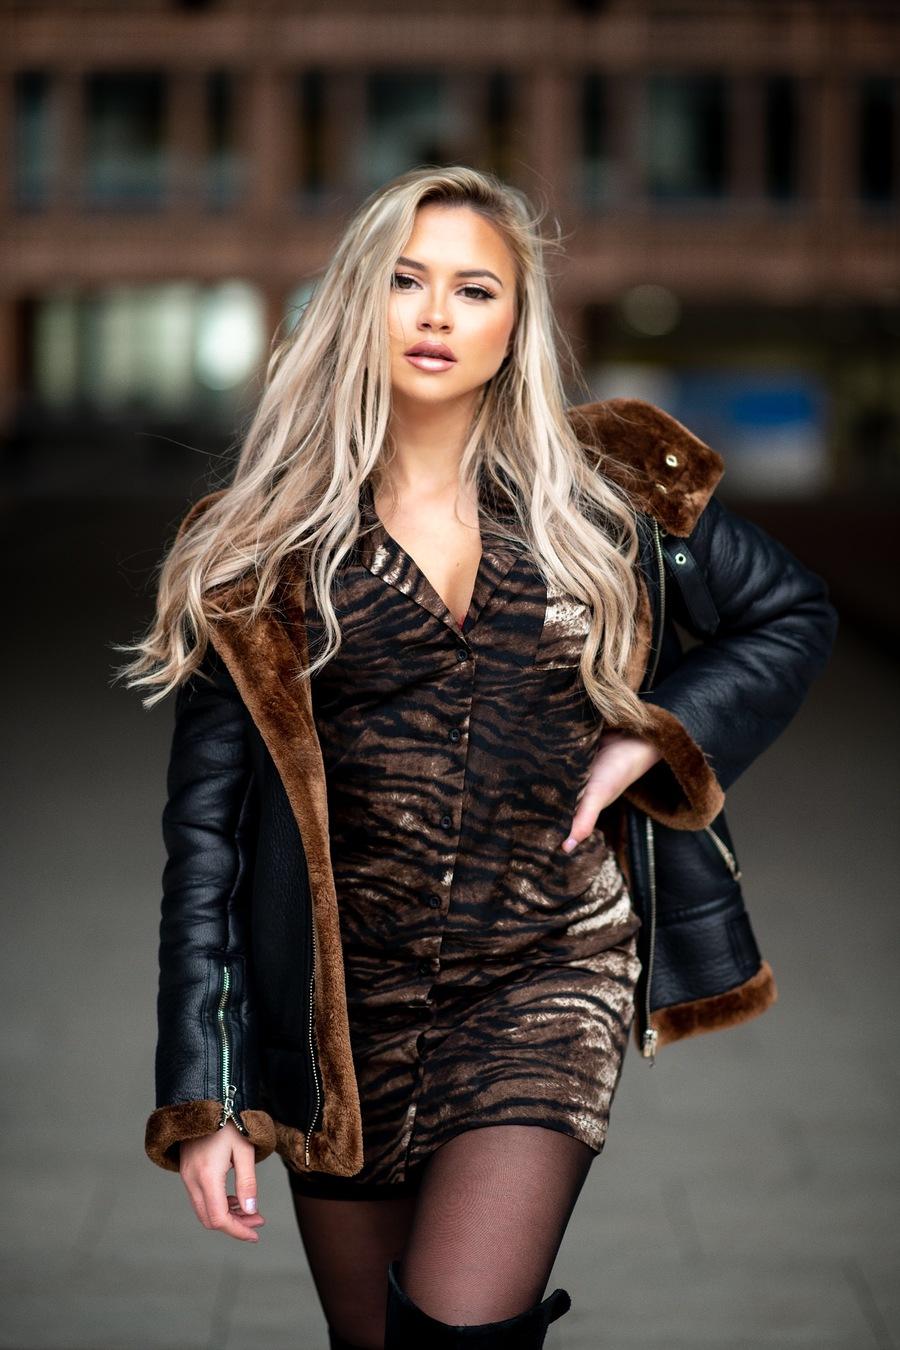 Tiger / Model Katie Royle / Uploaded 5th December 2018 @ 10:18 PM